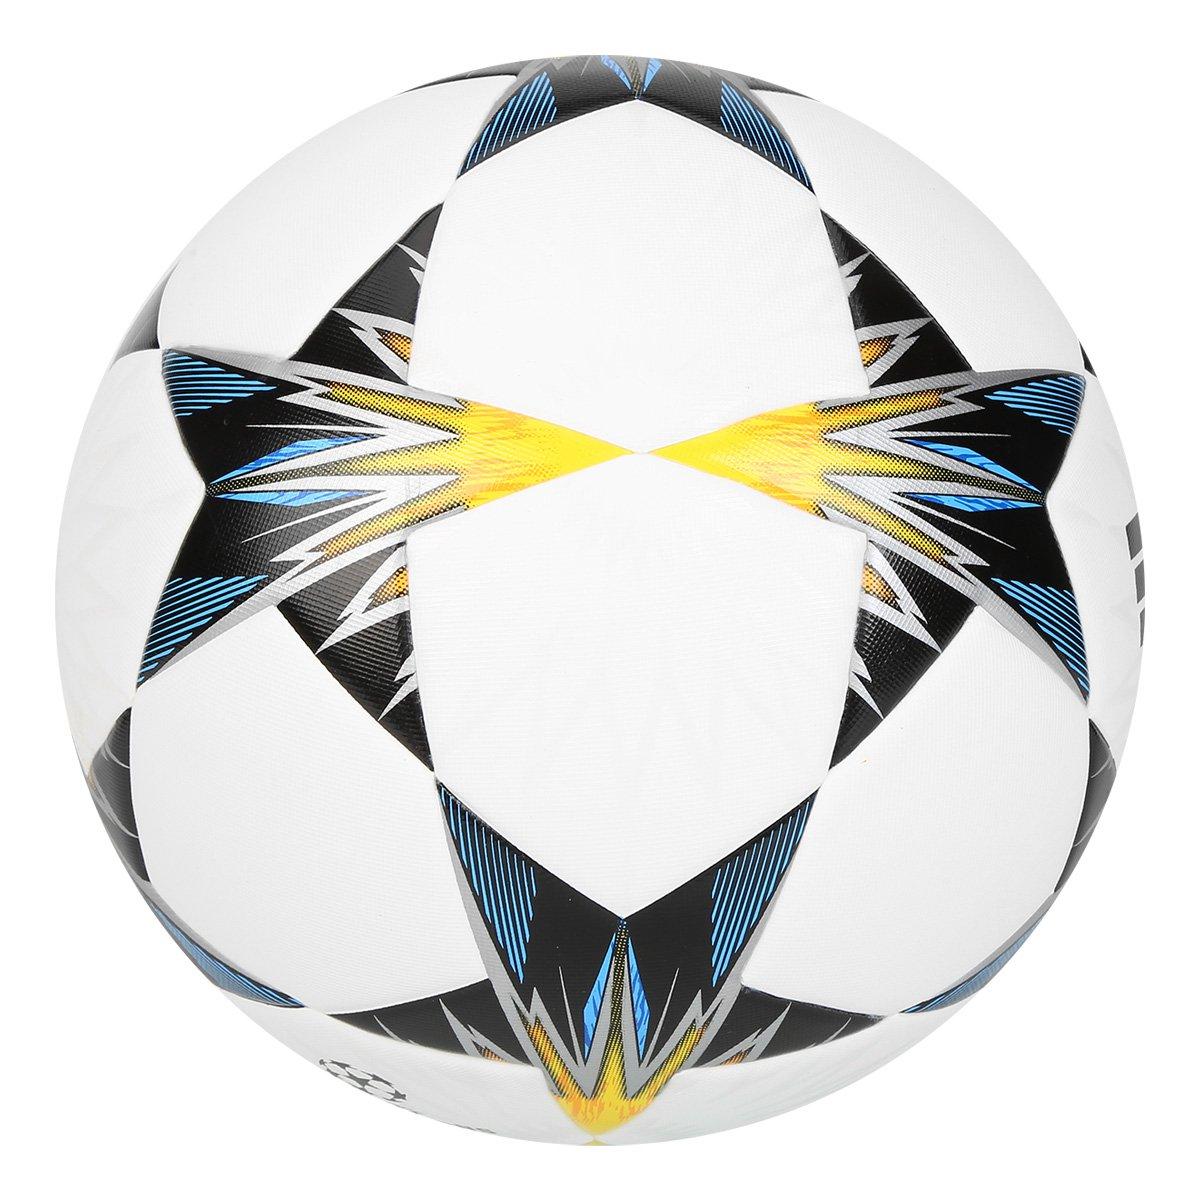 Bola Futebol Campo Adidas Kiev Top Training - Compre Agora  ecd5687ec284f